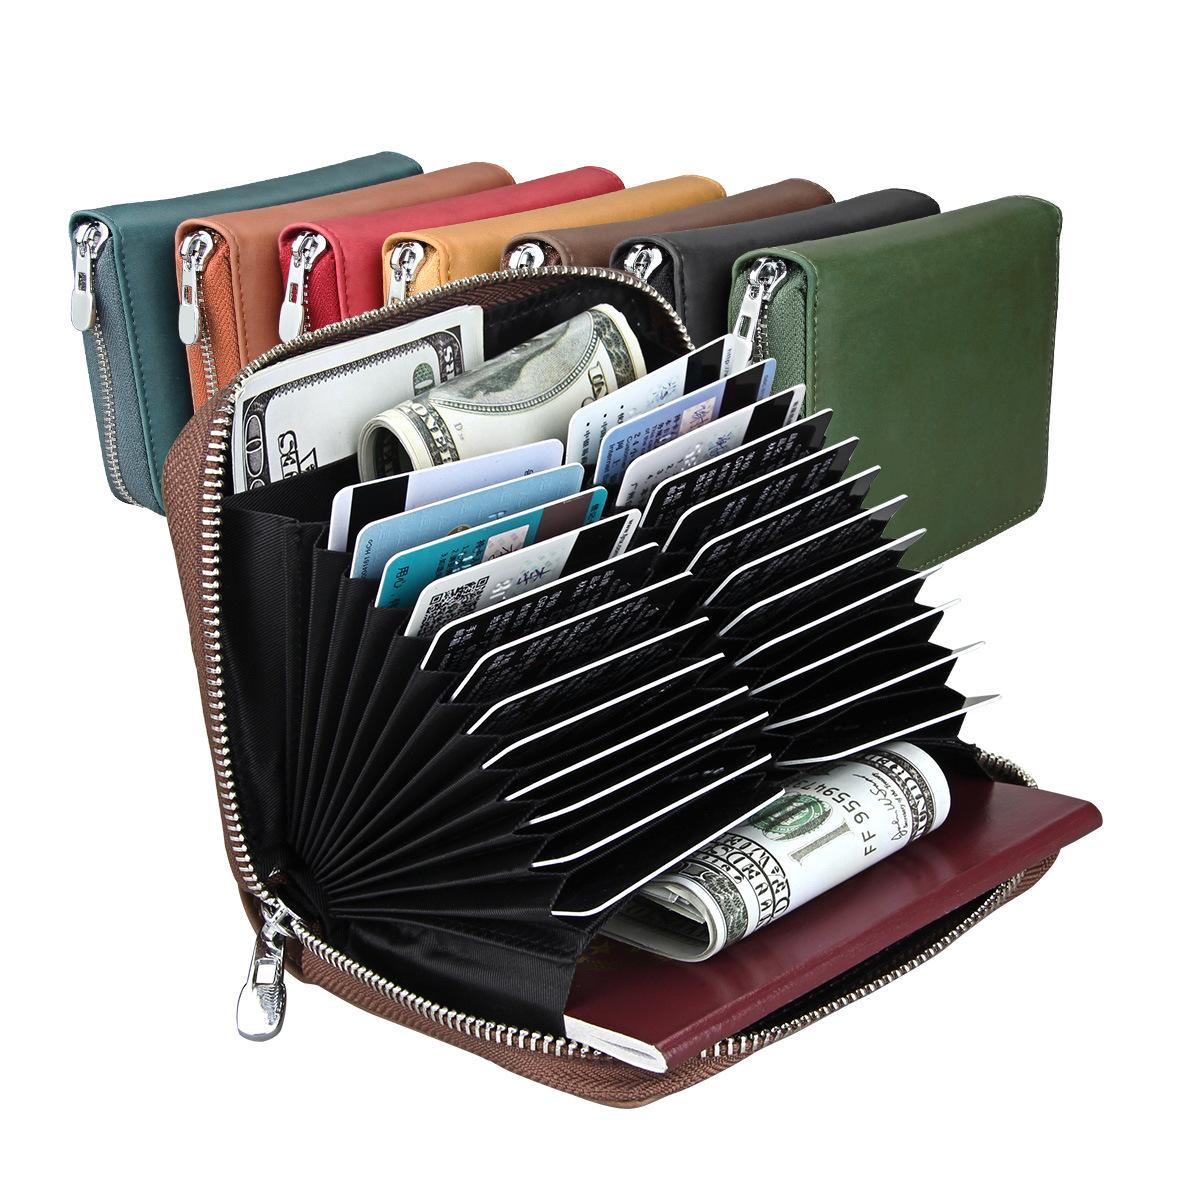 パスケース レザー 名刺入れ カードが見れる・取り出せる大容量カードケース